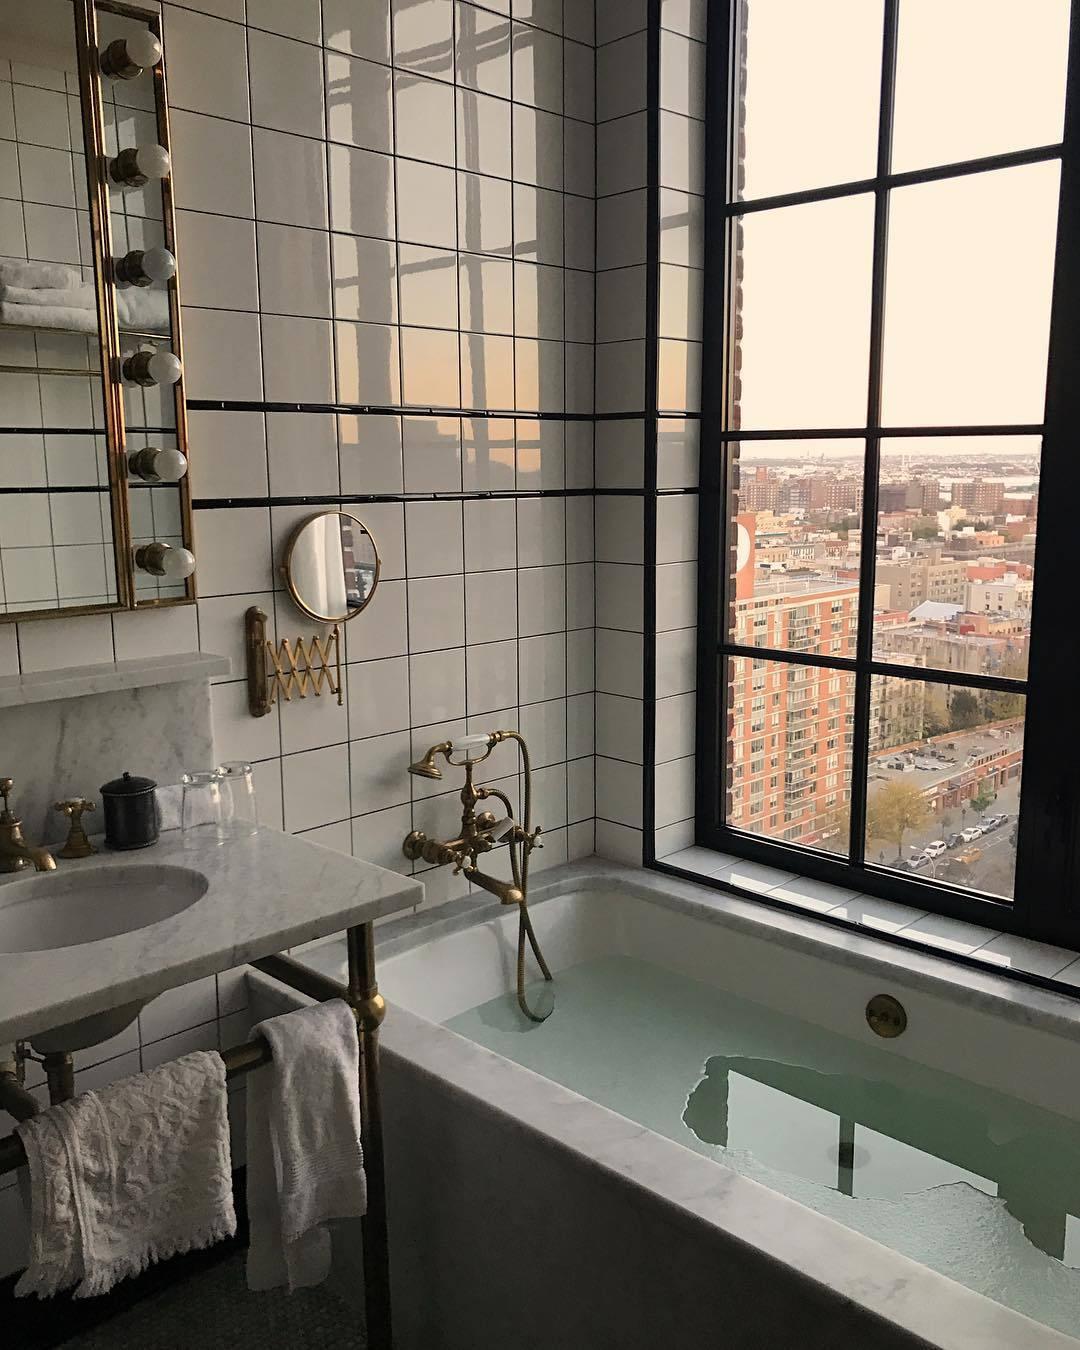 The Ludlow Hotel Nycinst Mvb Dizajn Doma Plany Doma Mechty Krasivye Vannye Komnaty